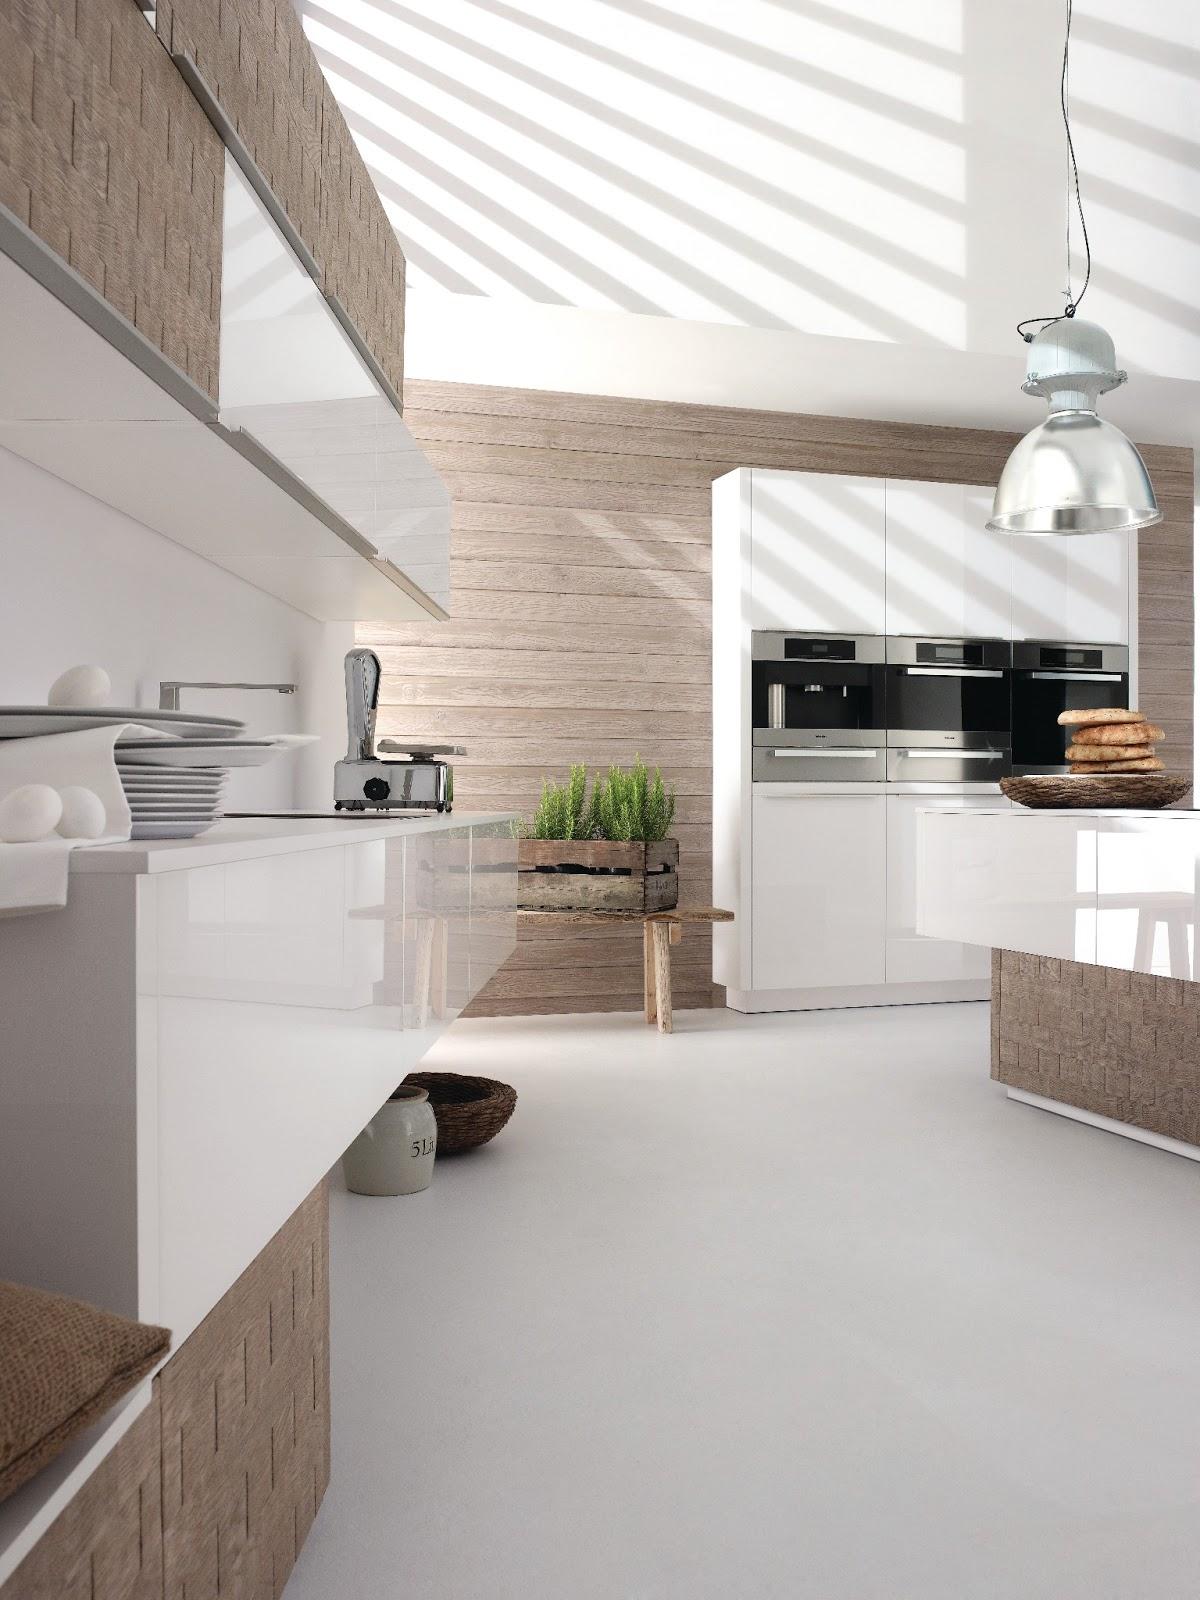 Cuisine design blanche et bois - Cuisine blanche bois ...